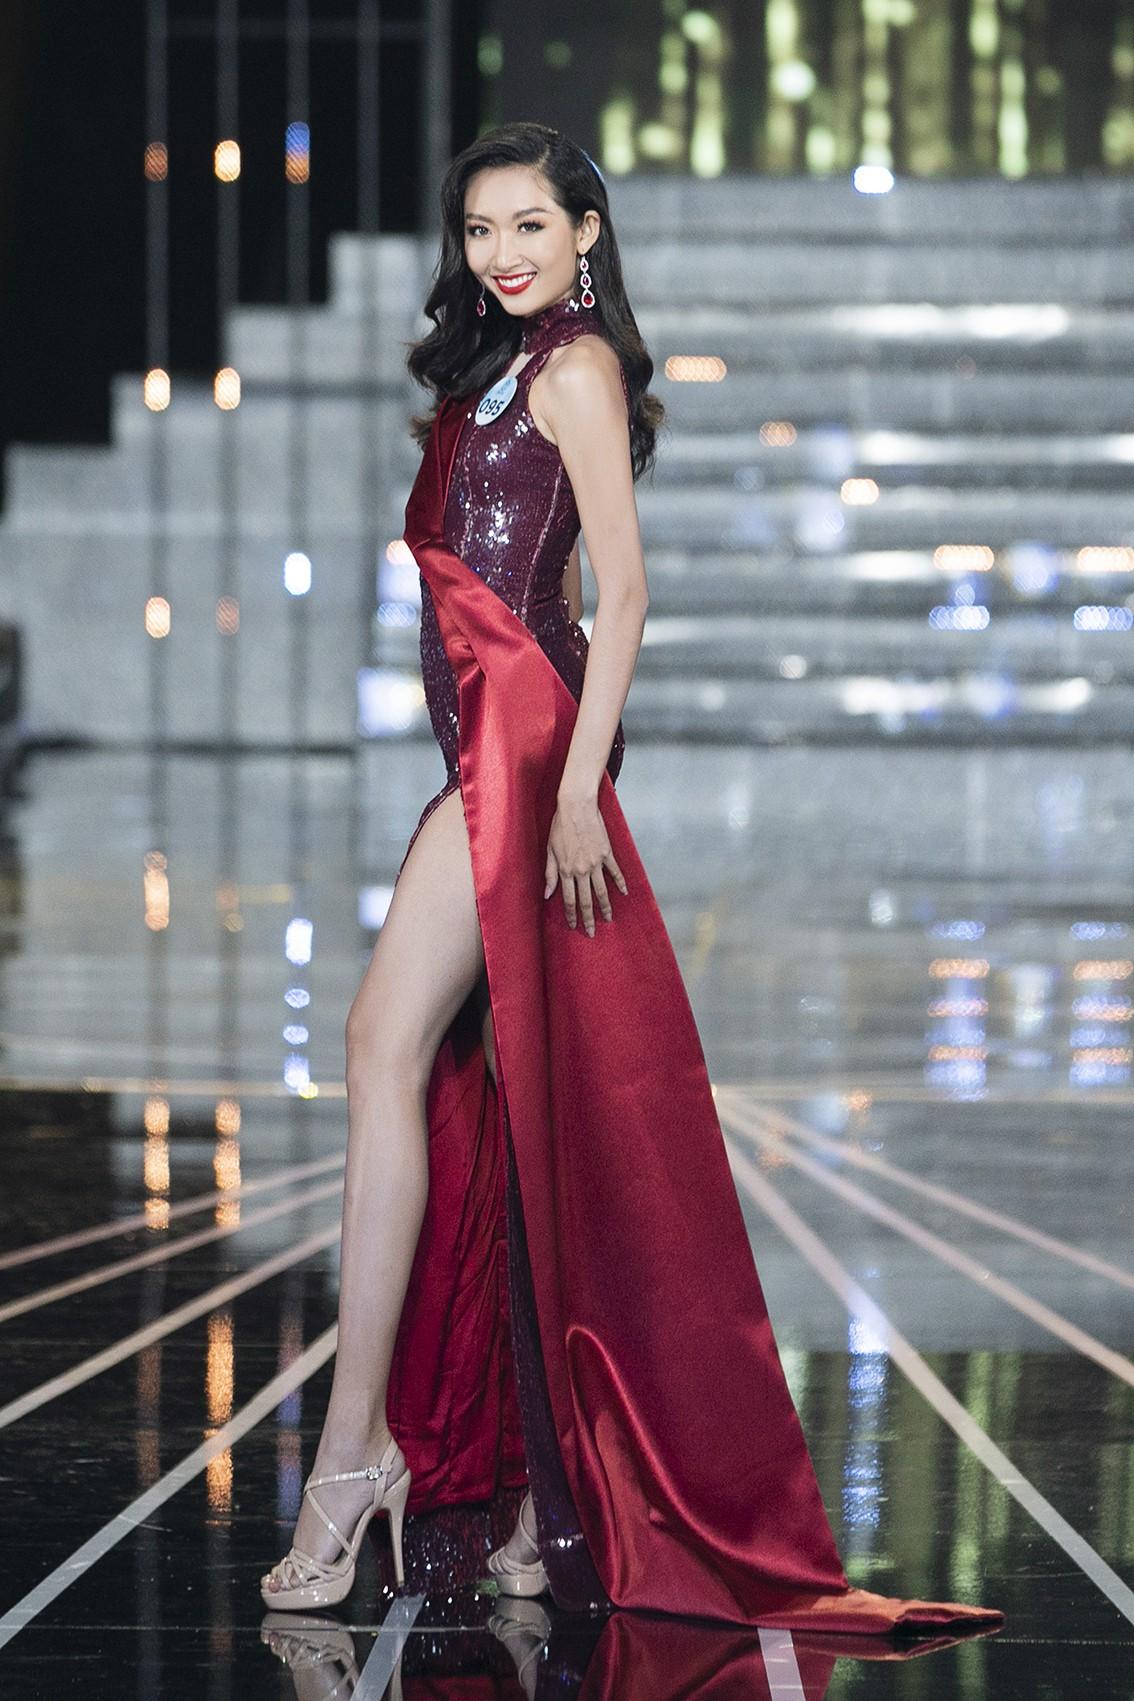 Màn dạ hội bay bổng của NTK Nguyễn Minh Tuấn trong đêm chung khảo phía Nam Miss World Việt Nam 2019 - Ảnh 8.